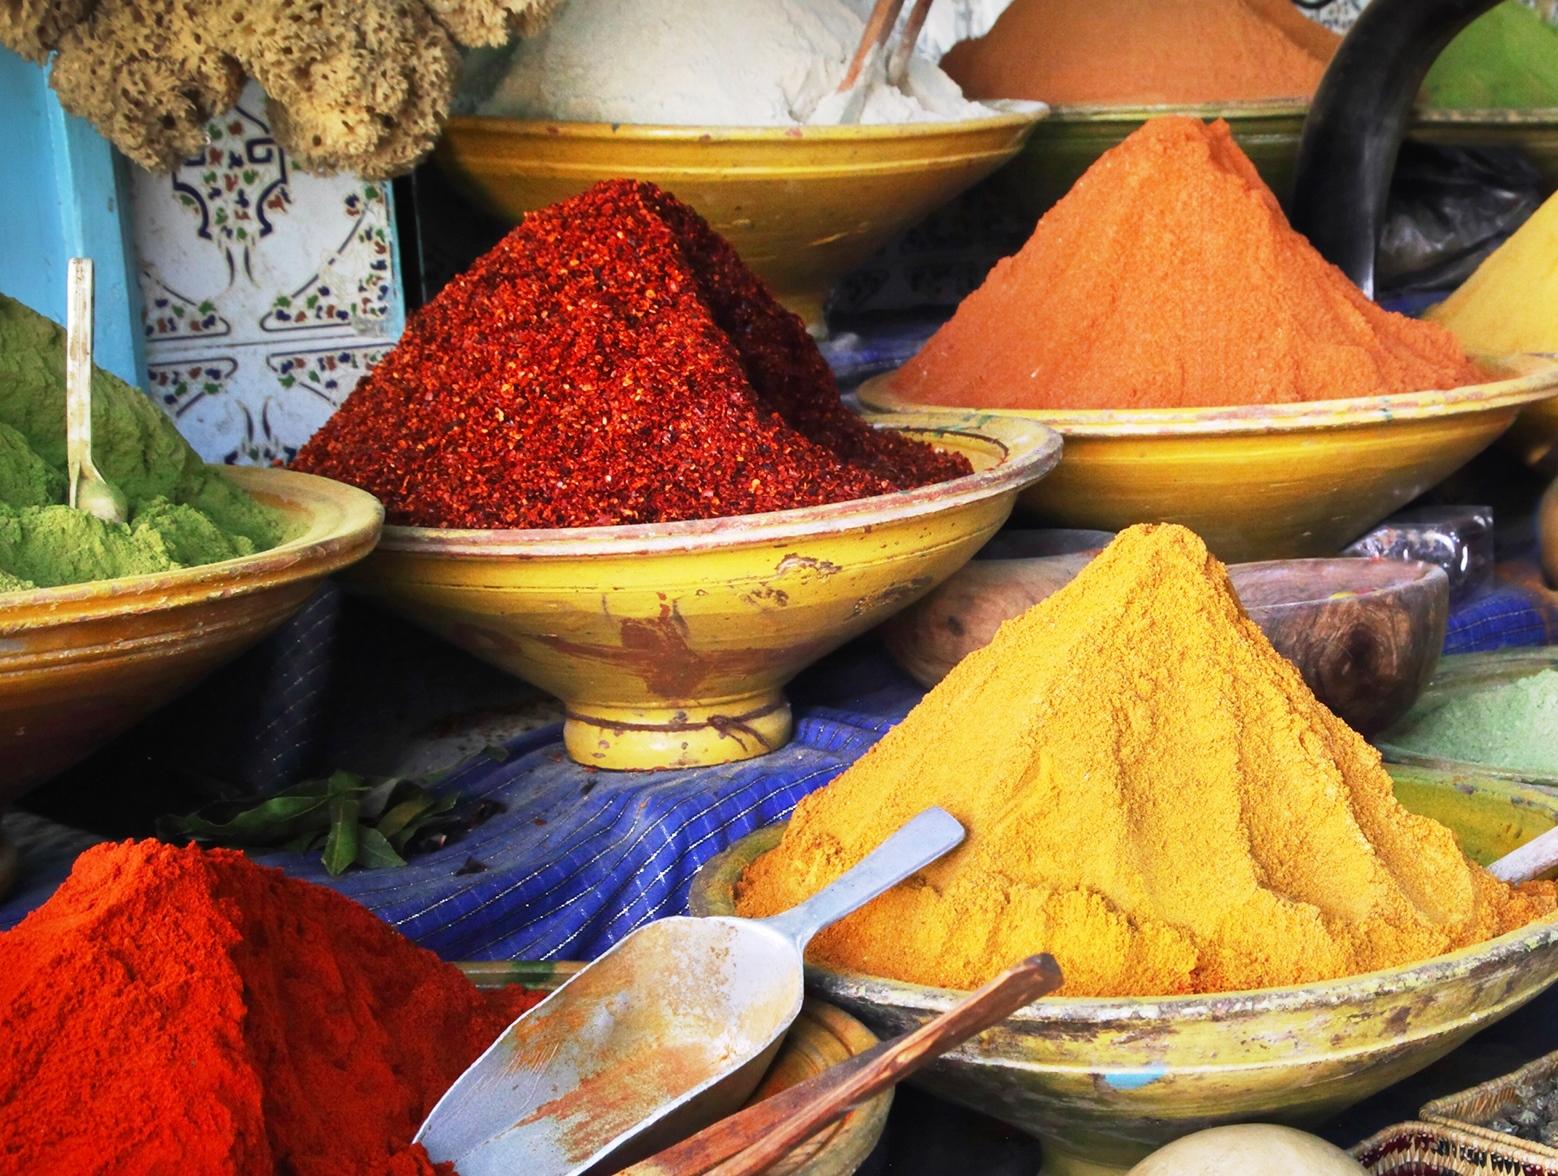 Mercado-especias-marruecos